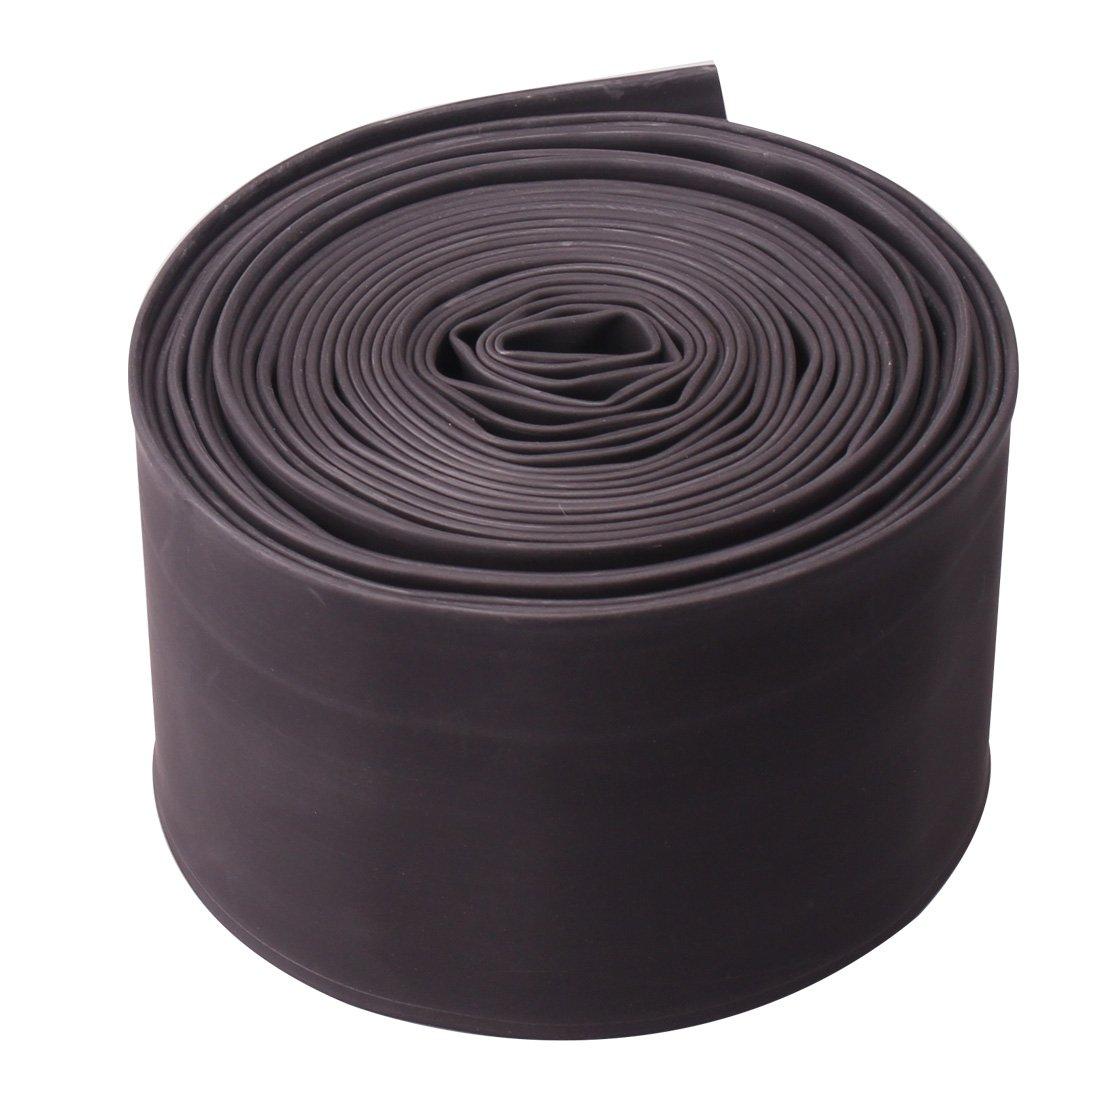 熱収縮チューブ、電気ケーブルワイヤラップ比2 : 1熱縮みShrinkable Sleevingブラック 18M / 60Ft MO6C B074YGGXSW 18M / 60Ft|Dia.50mm Dia.50mm 18M / 60Ft